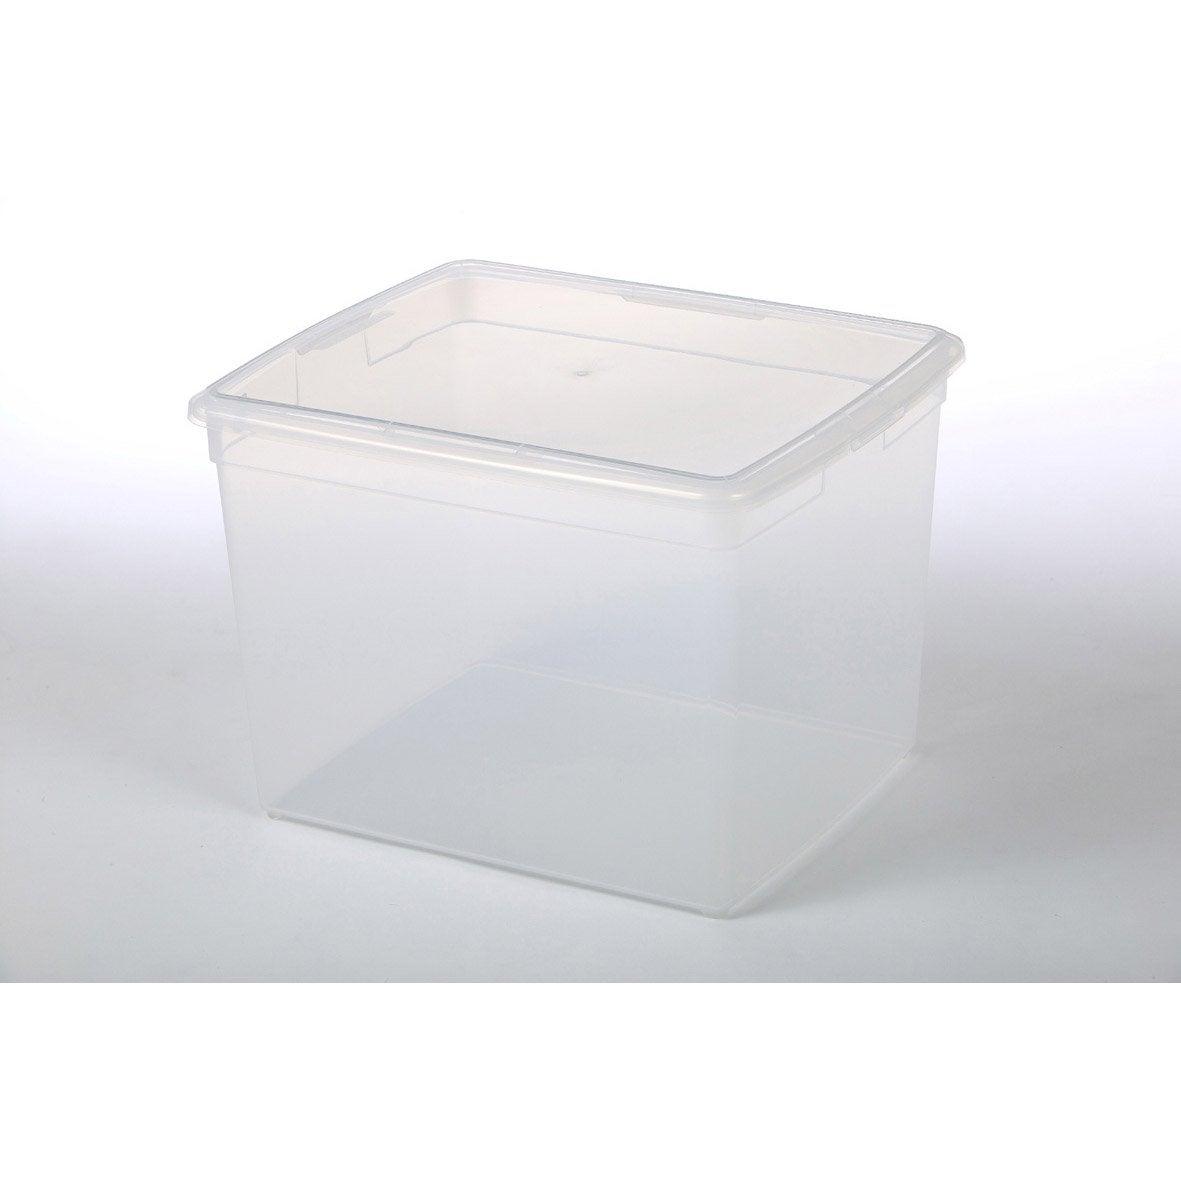 Bo te modular clear box plastique x x for Portillon plastique